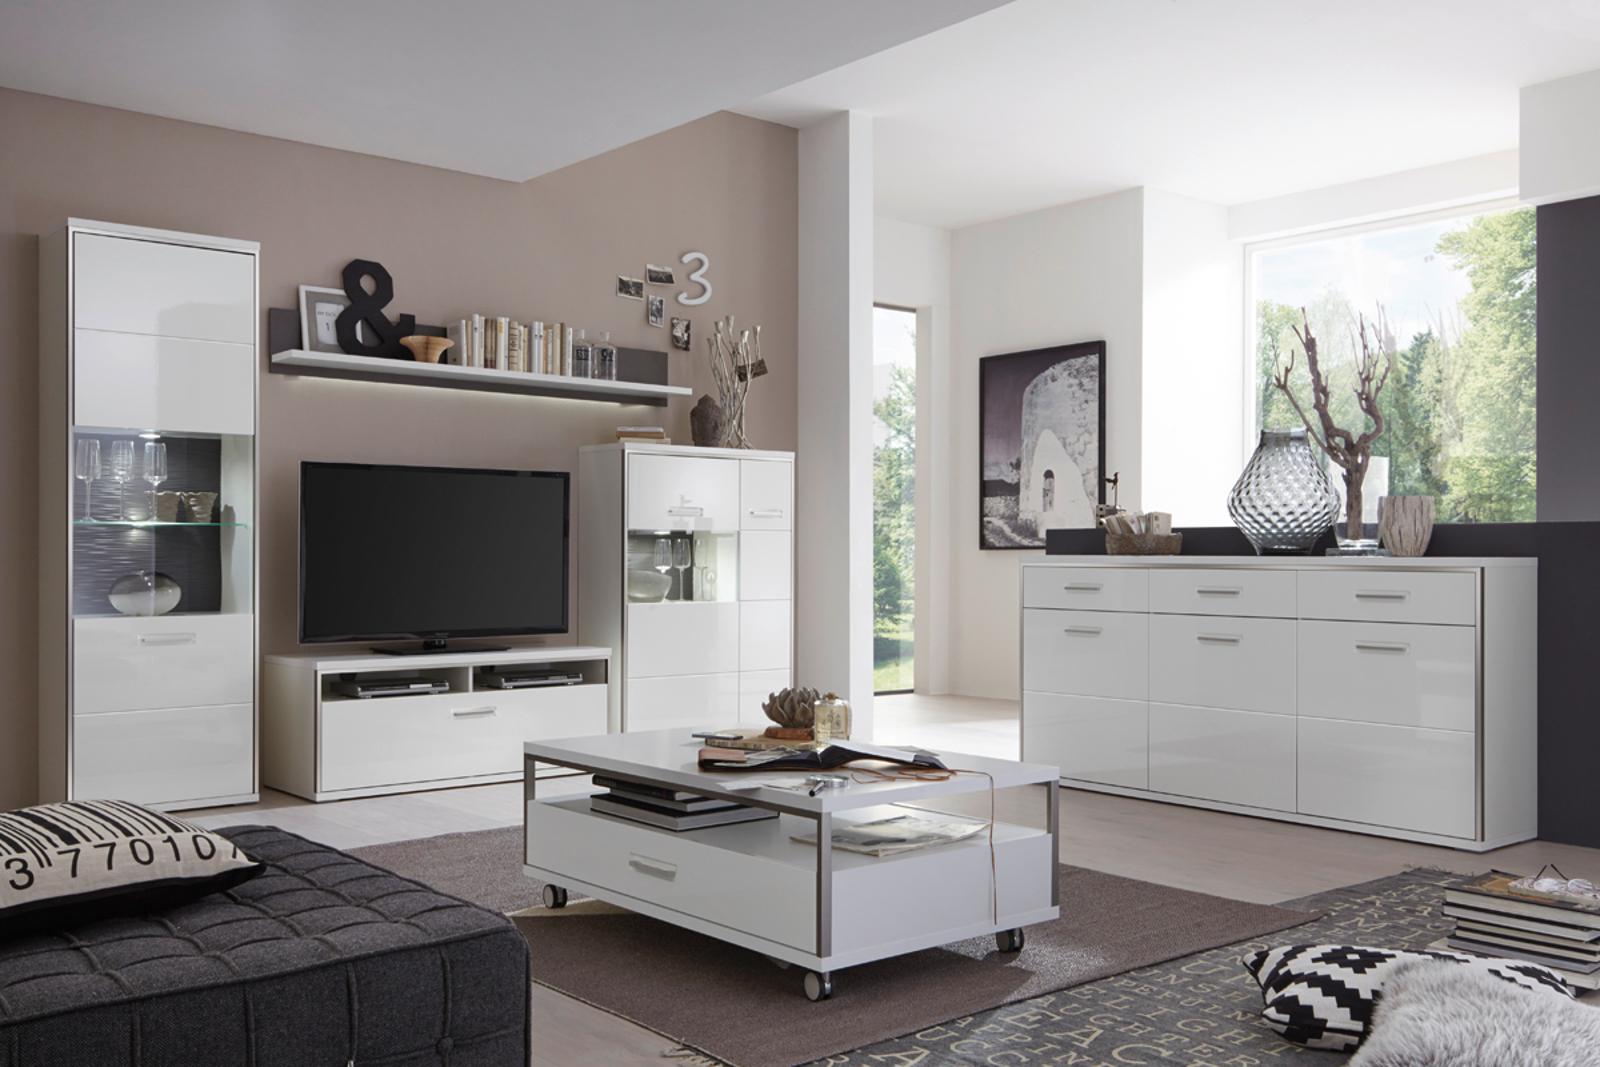 wohnwand trento 2 in wei hochglanz mit edelstahl. Black Bedroom Furniture Sets. Home Design Ideas